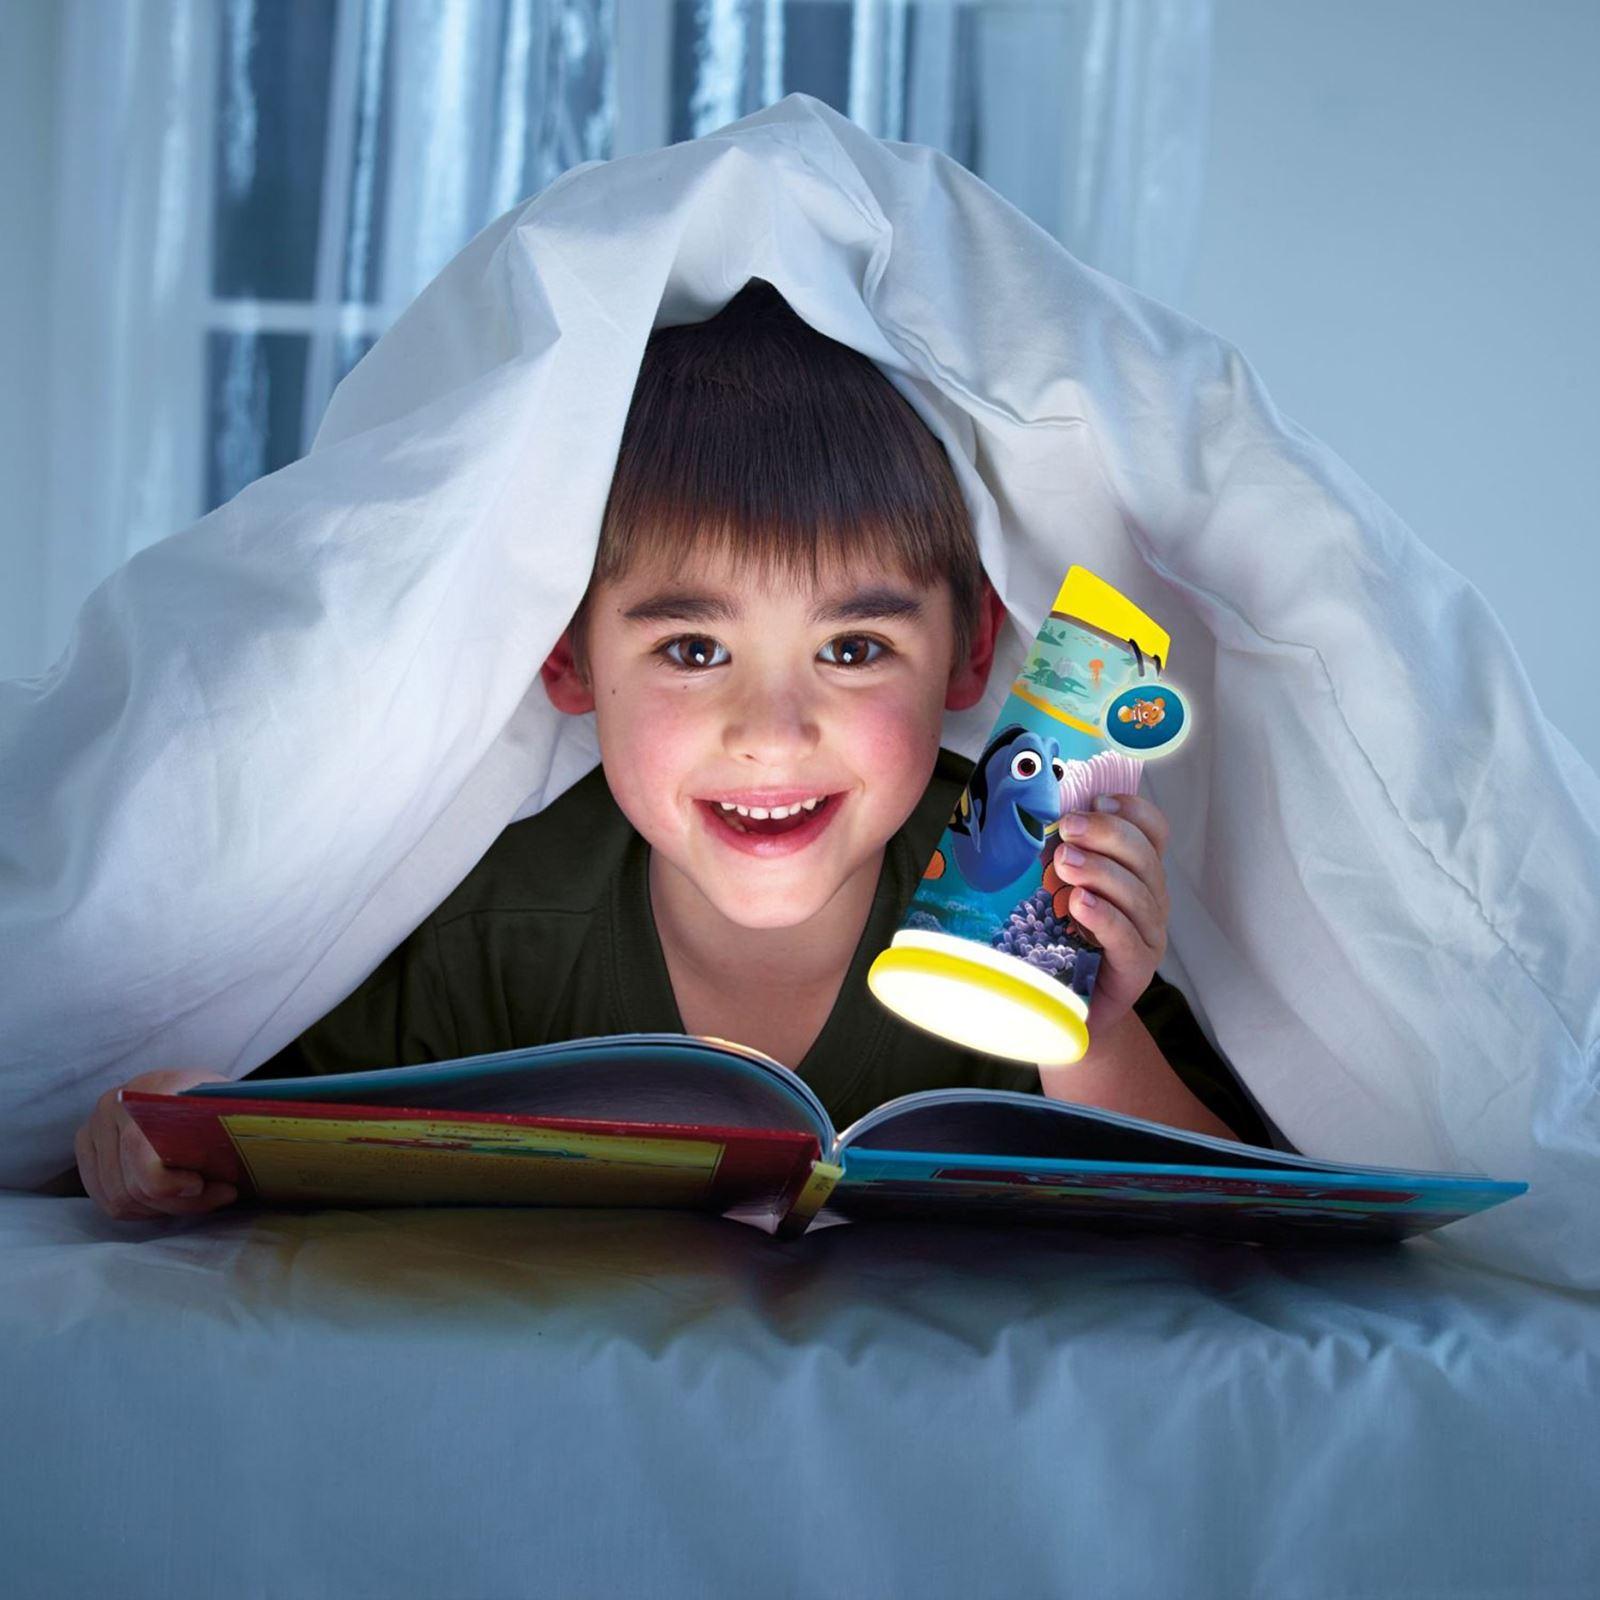 Indexbild 29 - Go Glow Nacht Beam Kipp Torch Beleuchtung Licht Kinder Schlafzimmer